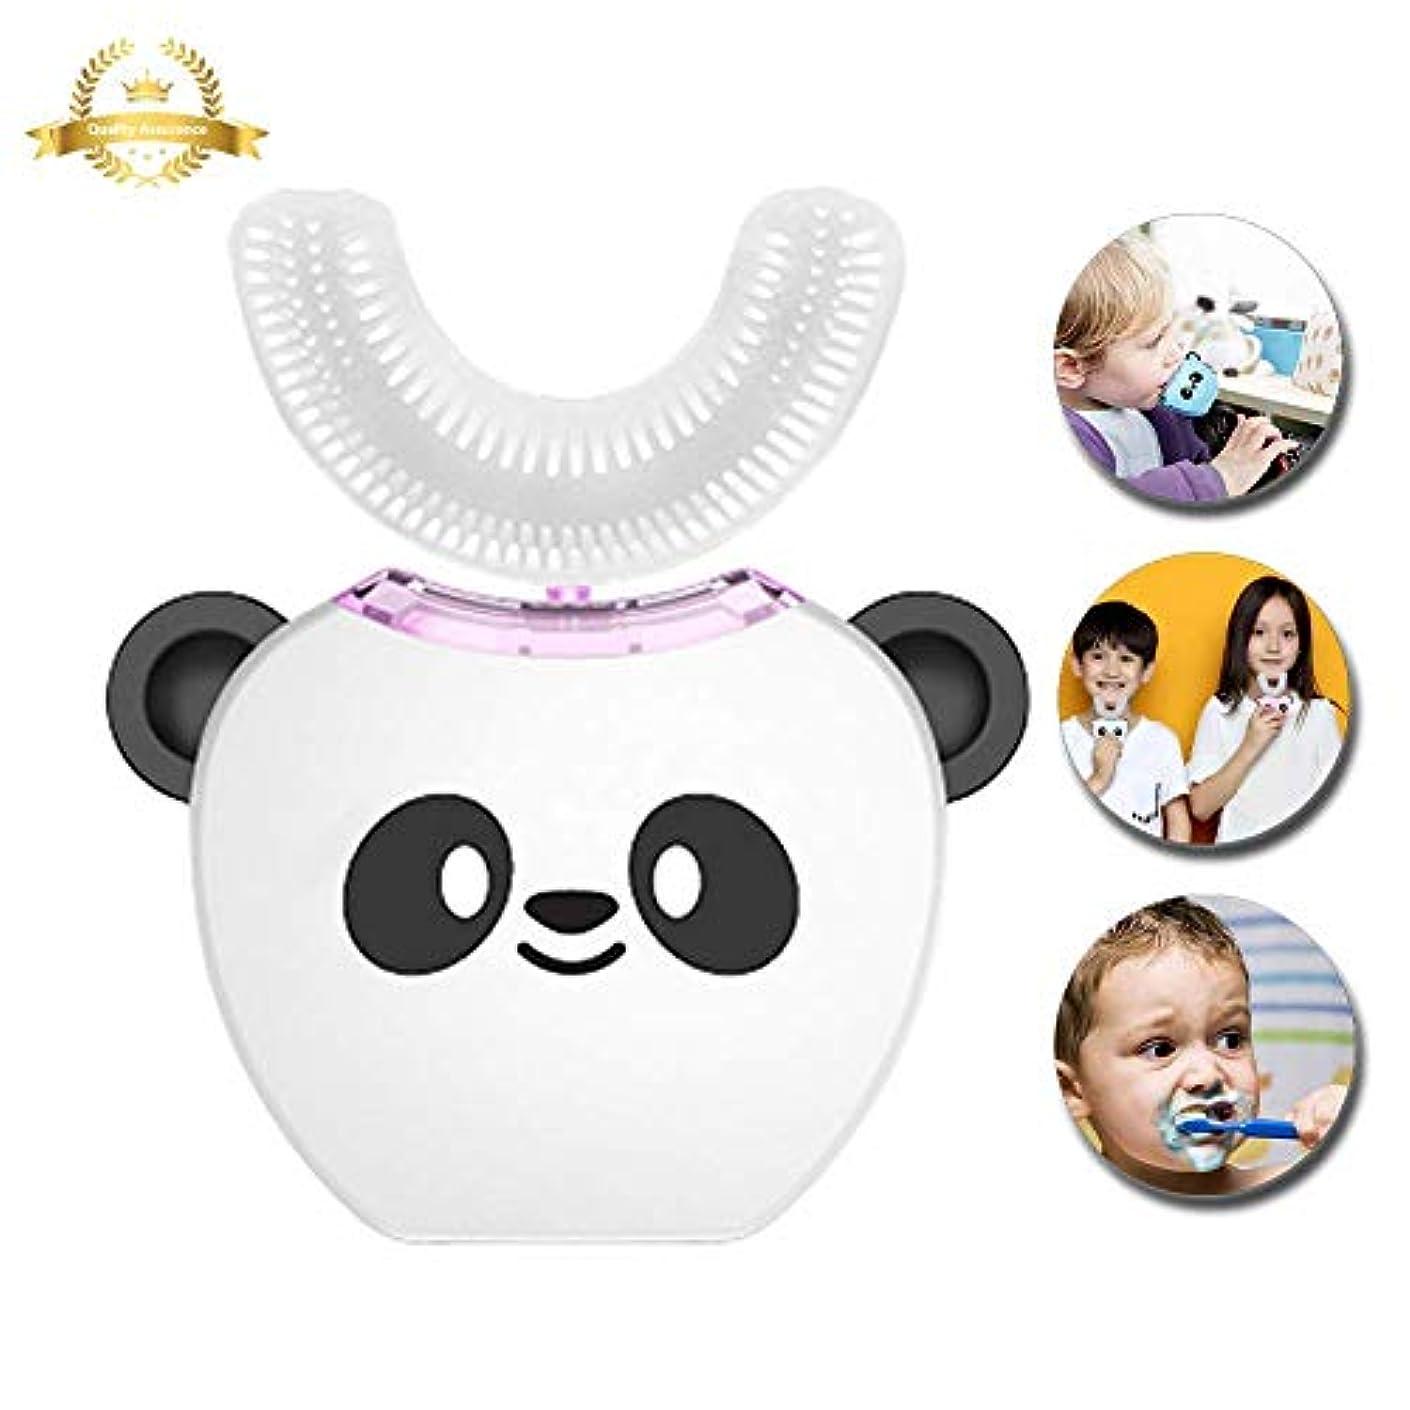 前に農学キャストV-white 電動歯ブラシ こども用 超音波振動360°オールラウンドクリーニング、充電式 (ホワイト)